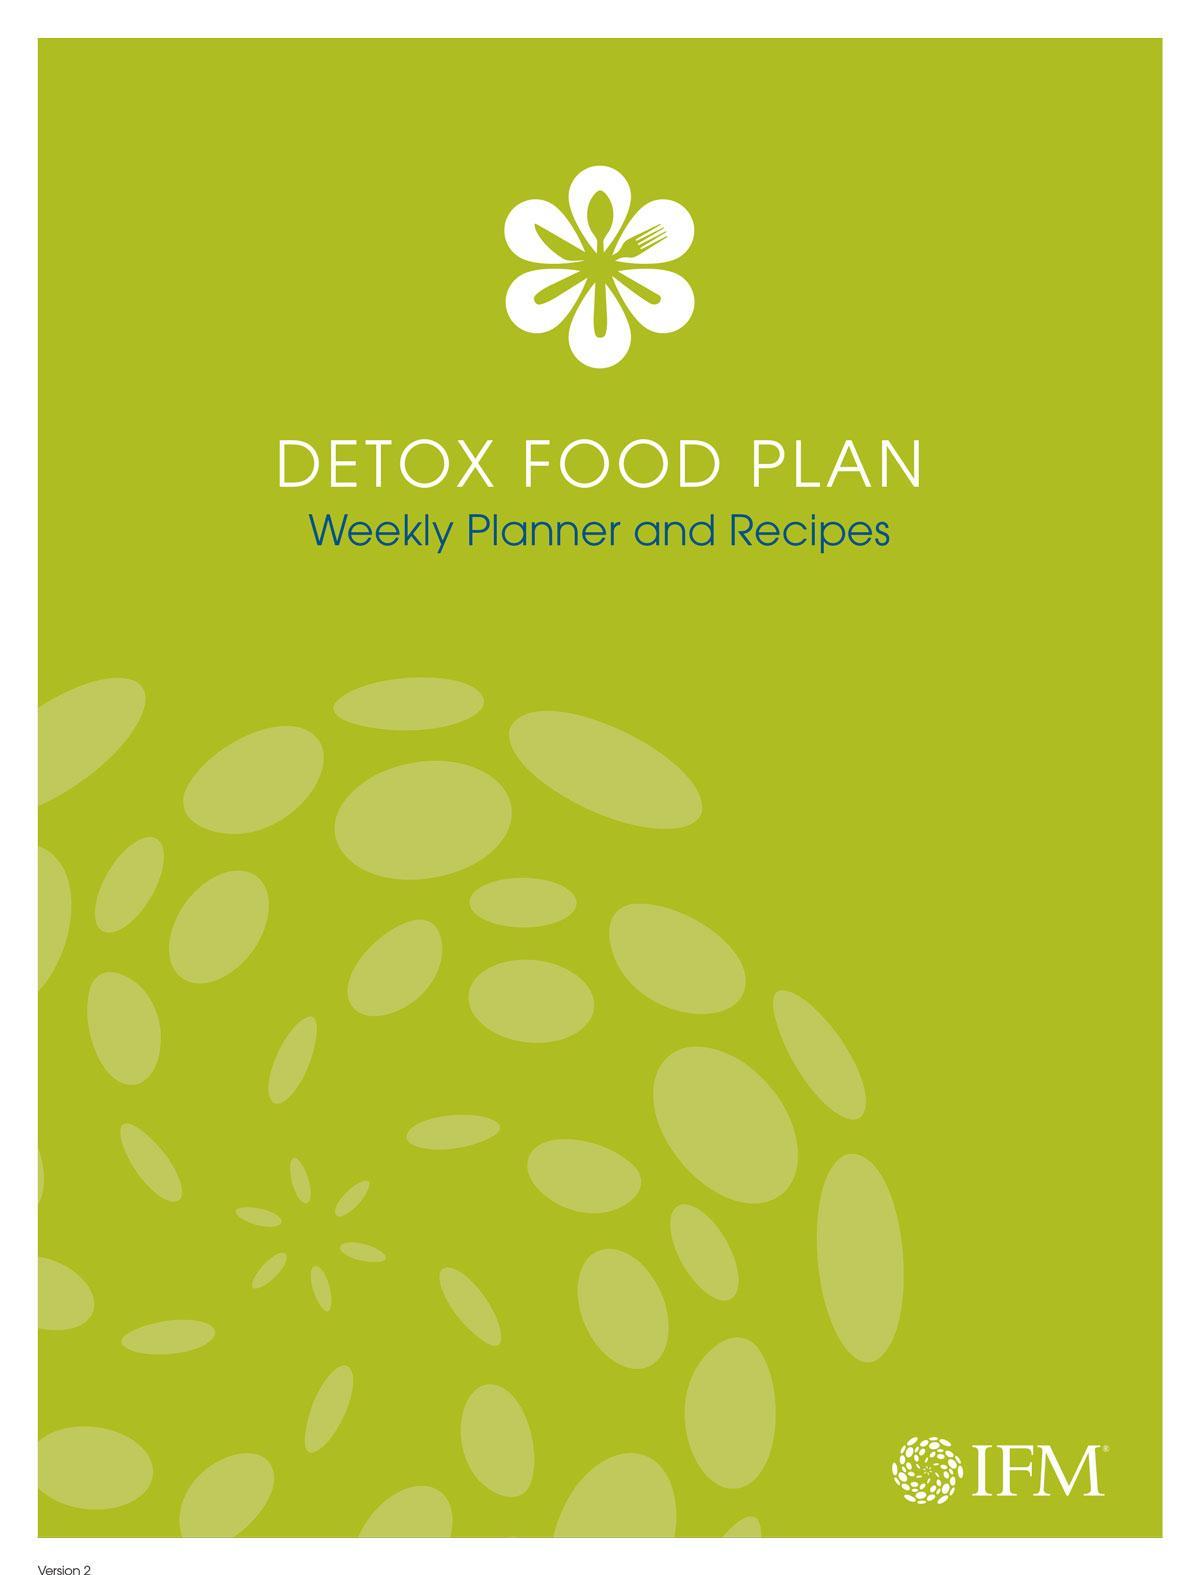 Detox Food Plan Weekly Planner